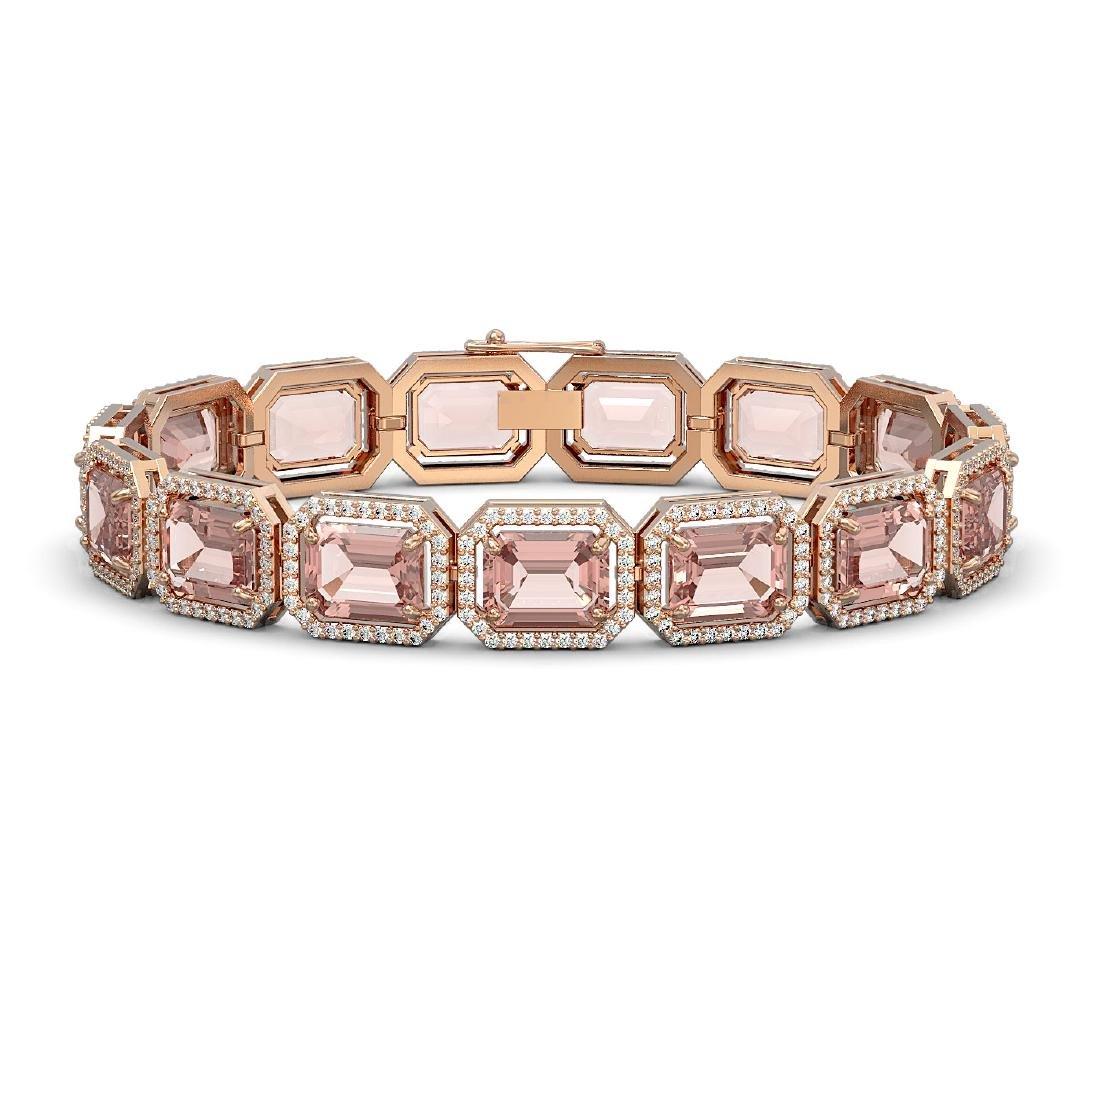 37.11 CTW Morganite & Diamond Halo Bracelet 10K Rose